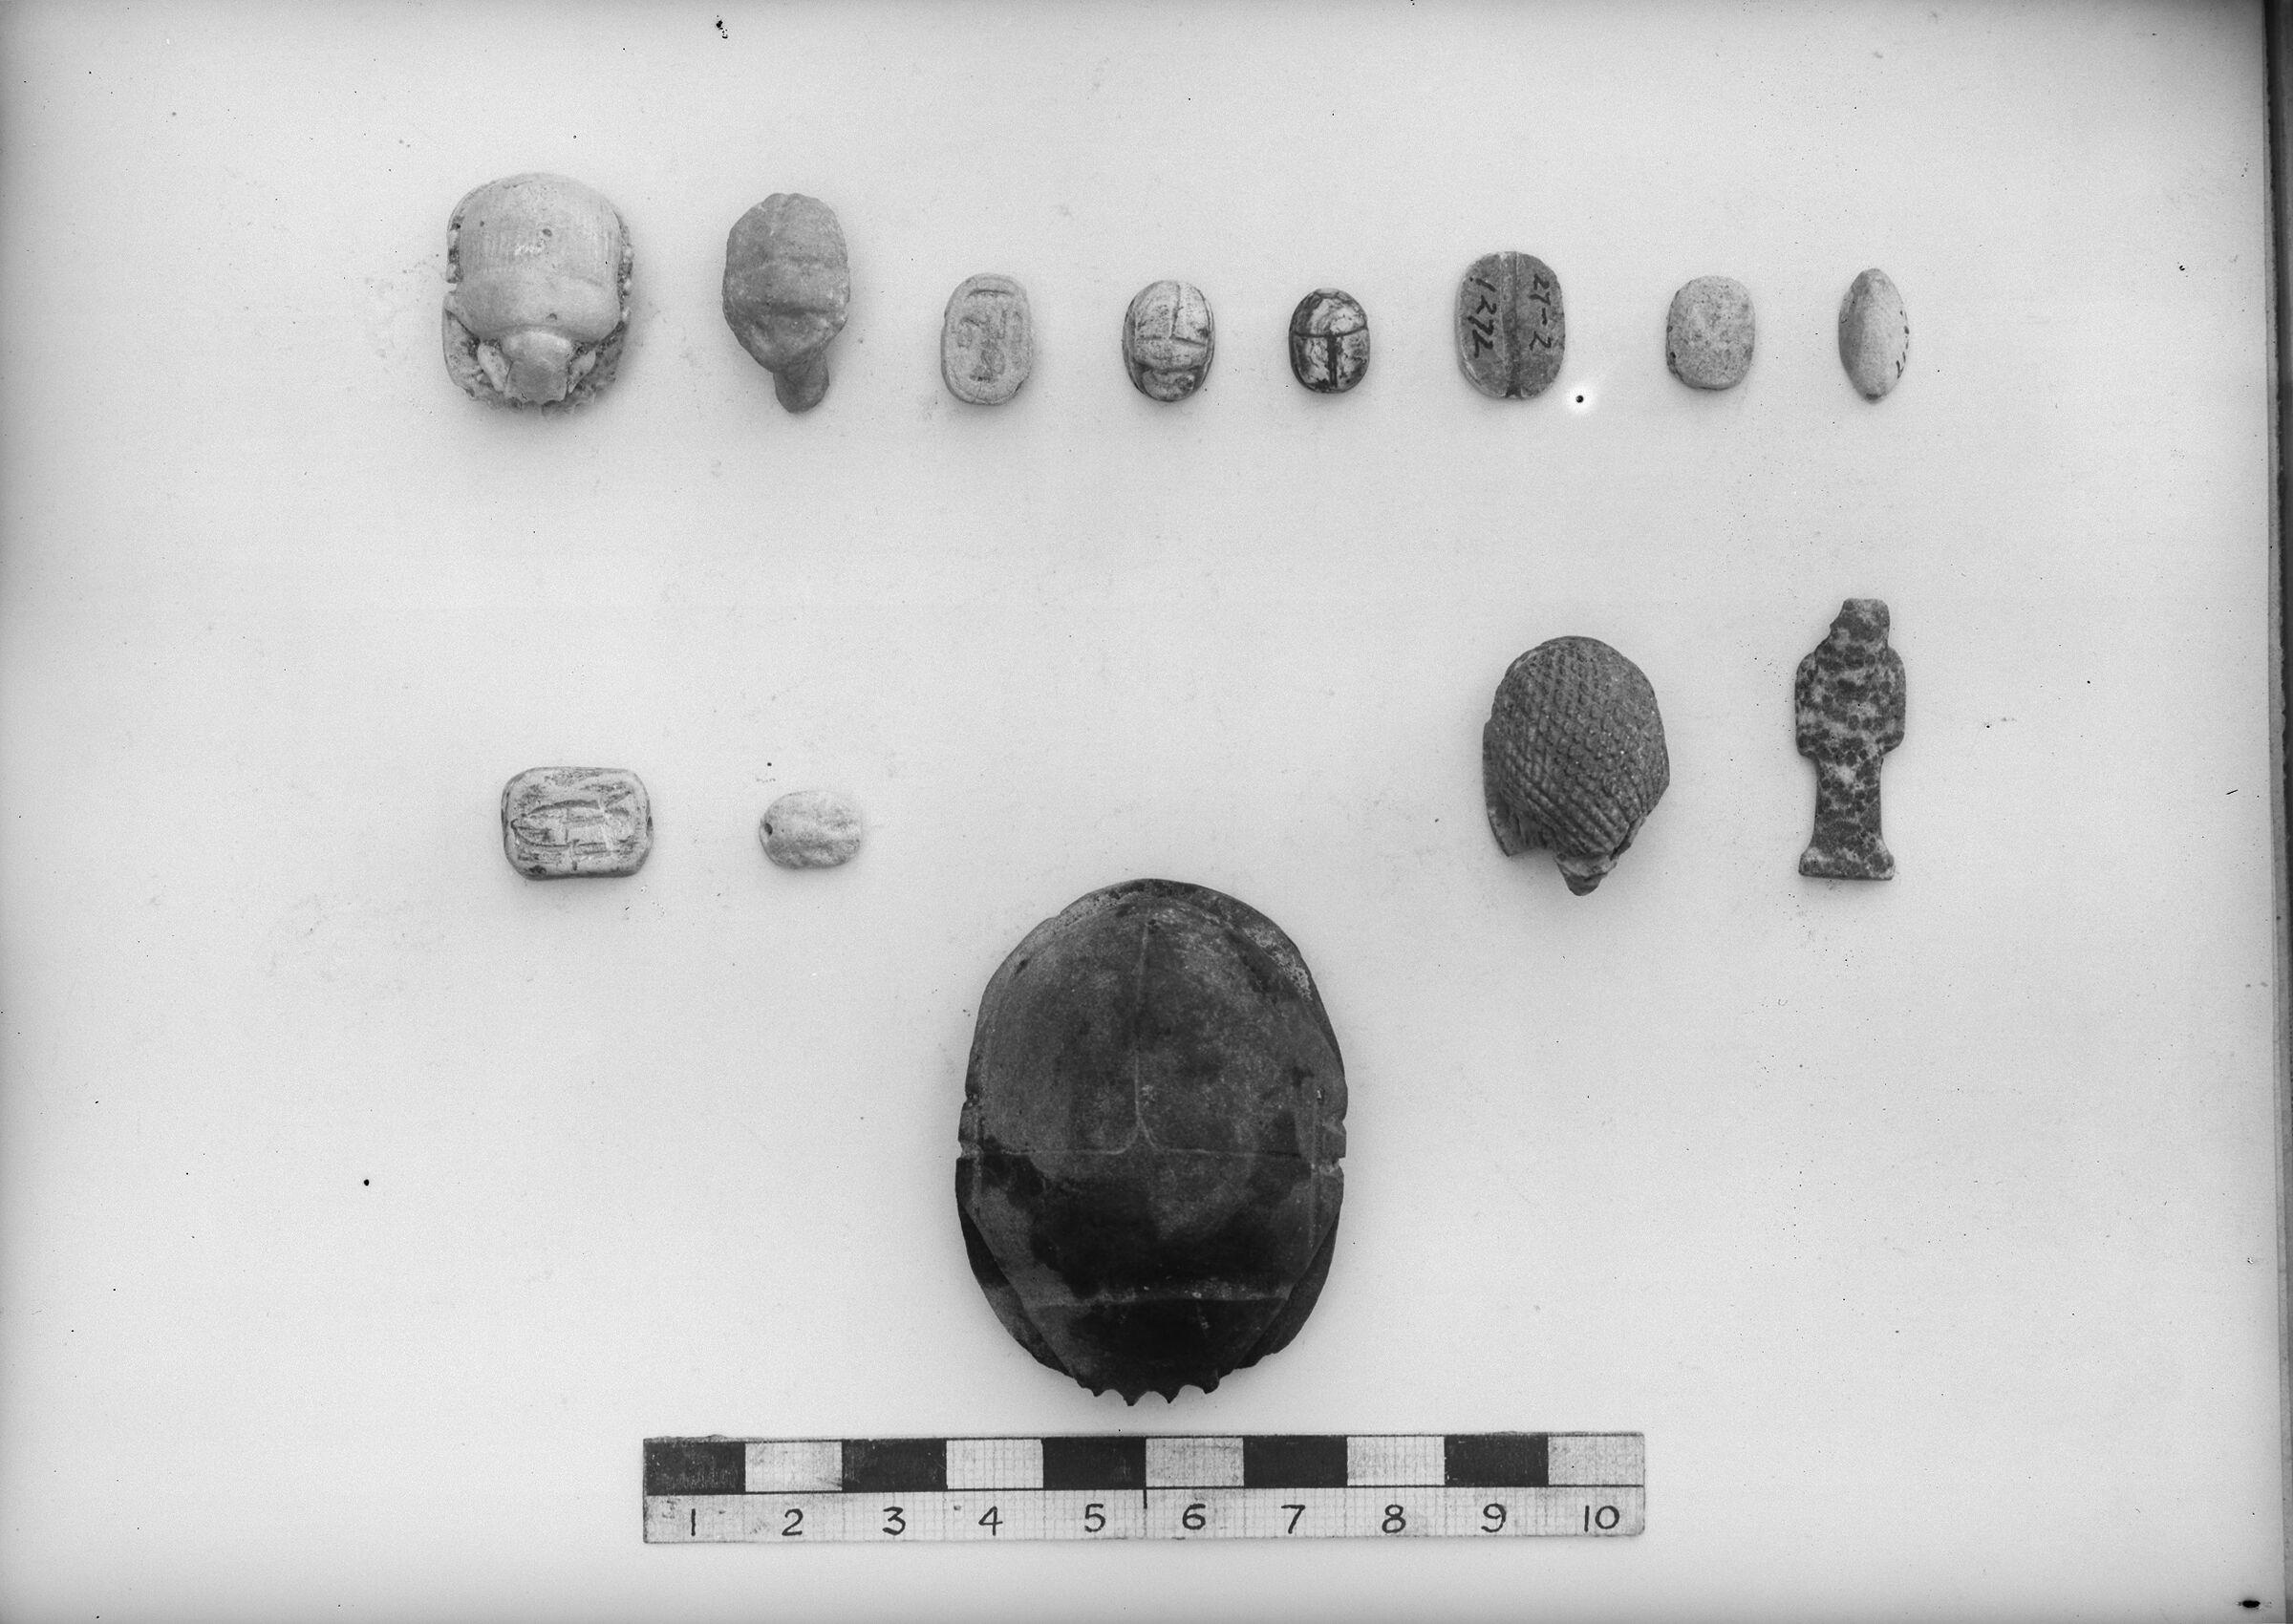 Object(s) photograph: Site: Giza; view: G 7792, G 7350, G 7690, G 7000 SE 41, G 7787, G 7520, G 7530-7540, street G 7400, G 7775, G 7793, G 7350, G 7792, G 7650